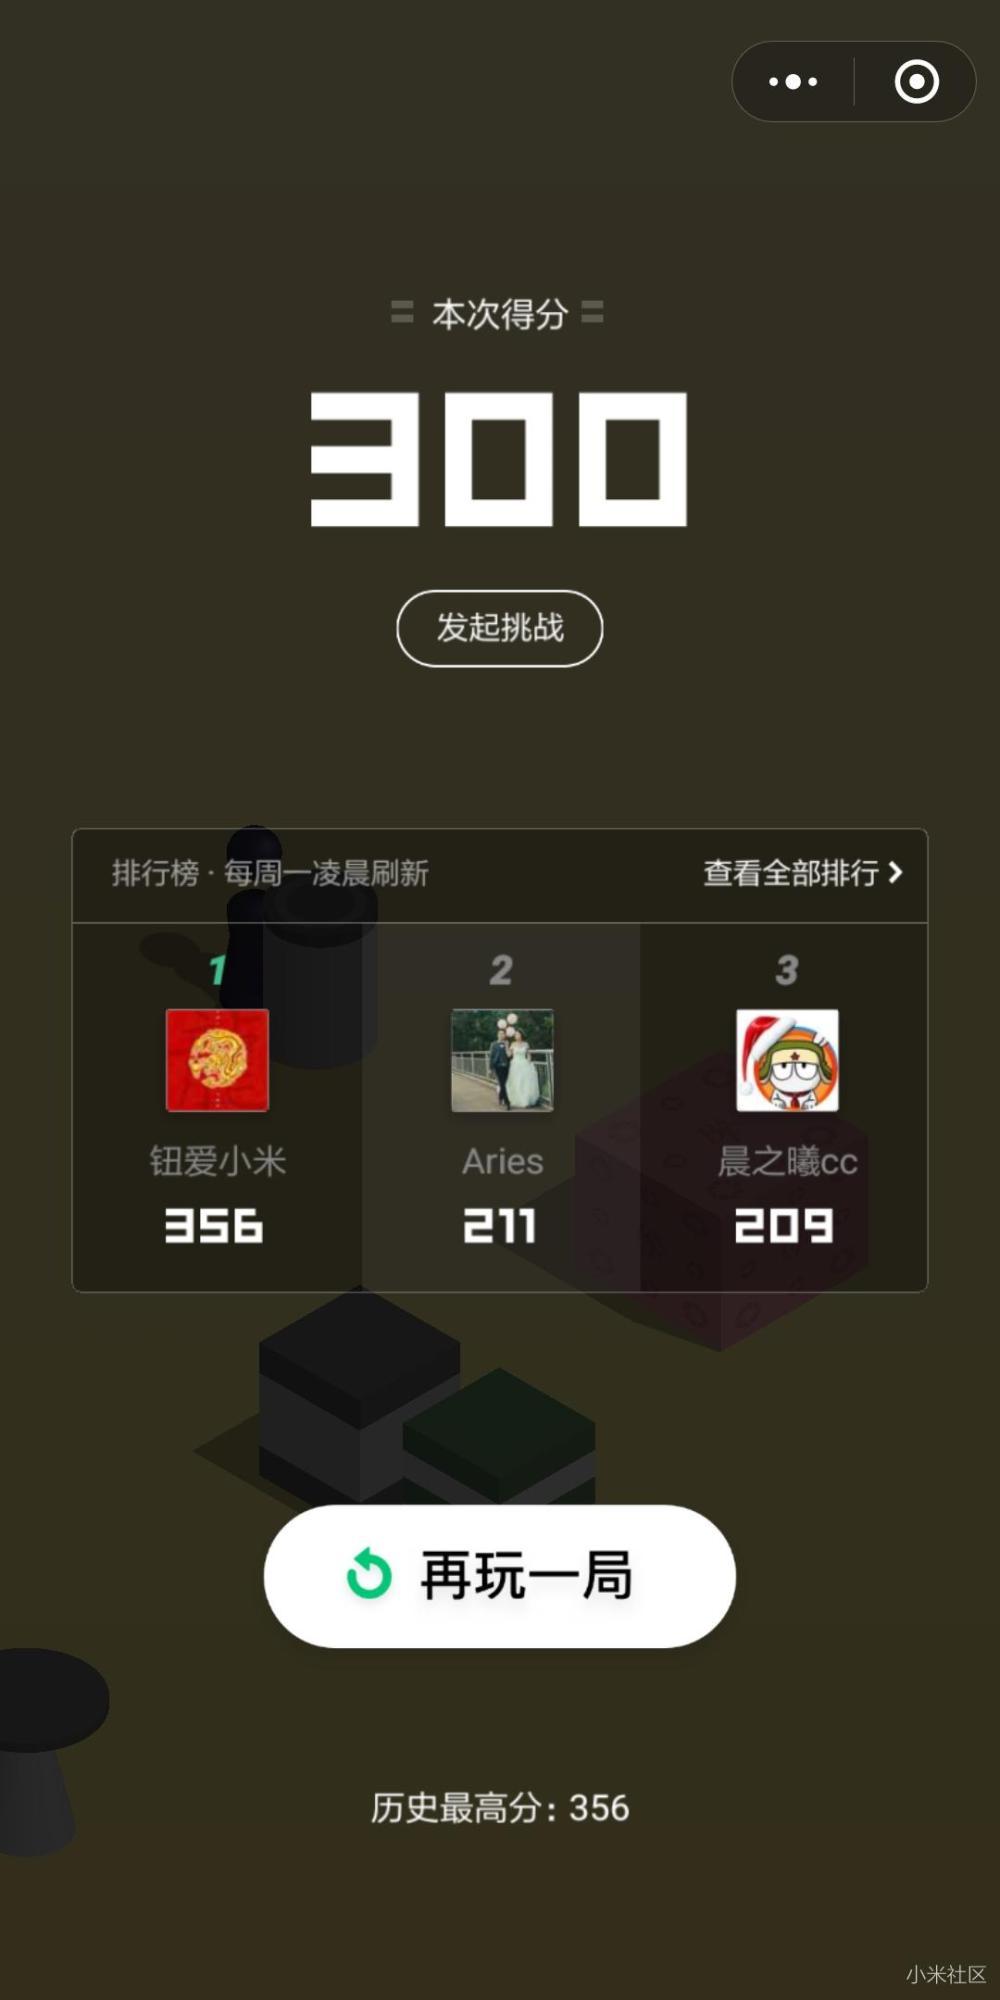 微信游戏 刷网站源码下载(微信 网站 源码) (https://www.oilcn.net.cn/) 综合教程 第1张